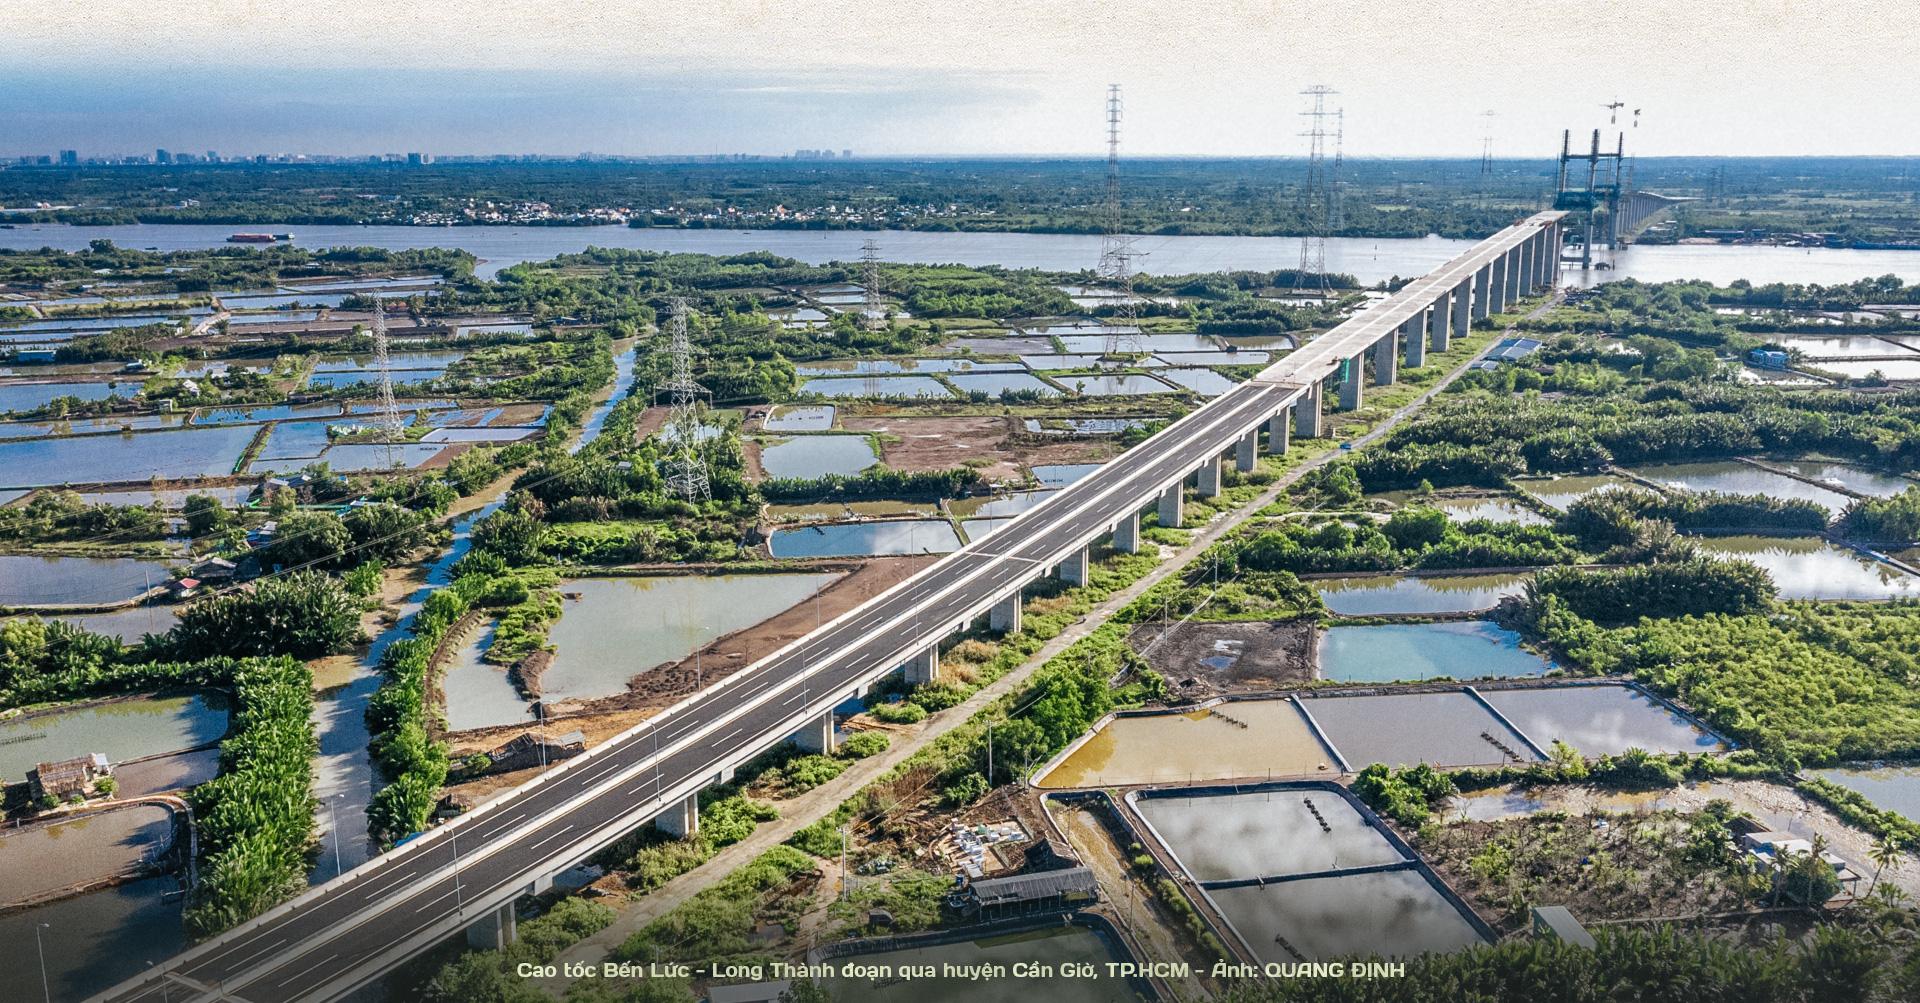 Kỳ 4: Các tuyến cao tốc phía Nam và TP.HCM kết nối các tỉnh phía Đông - Ảnh 4.